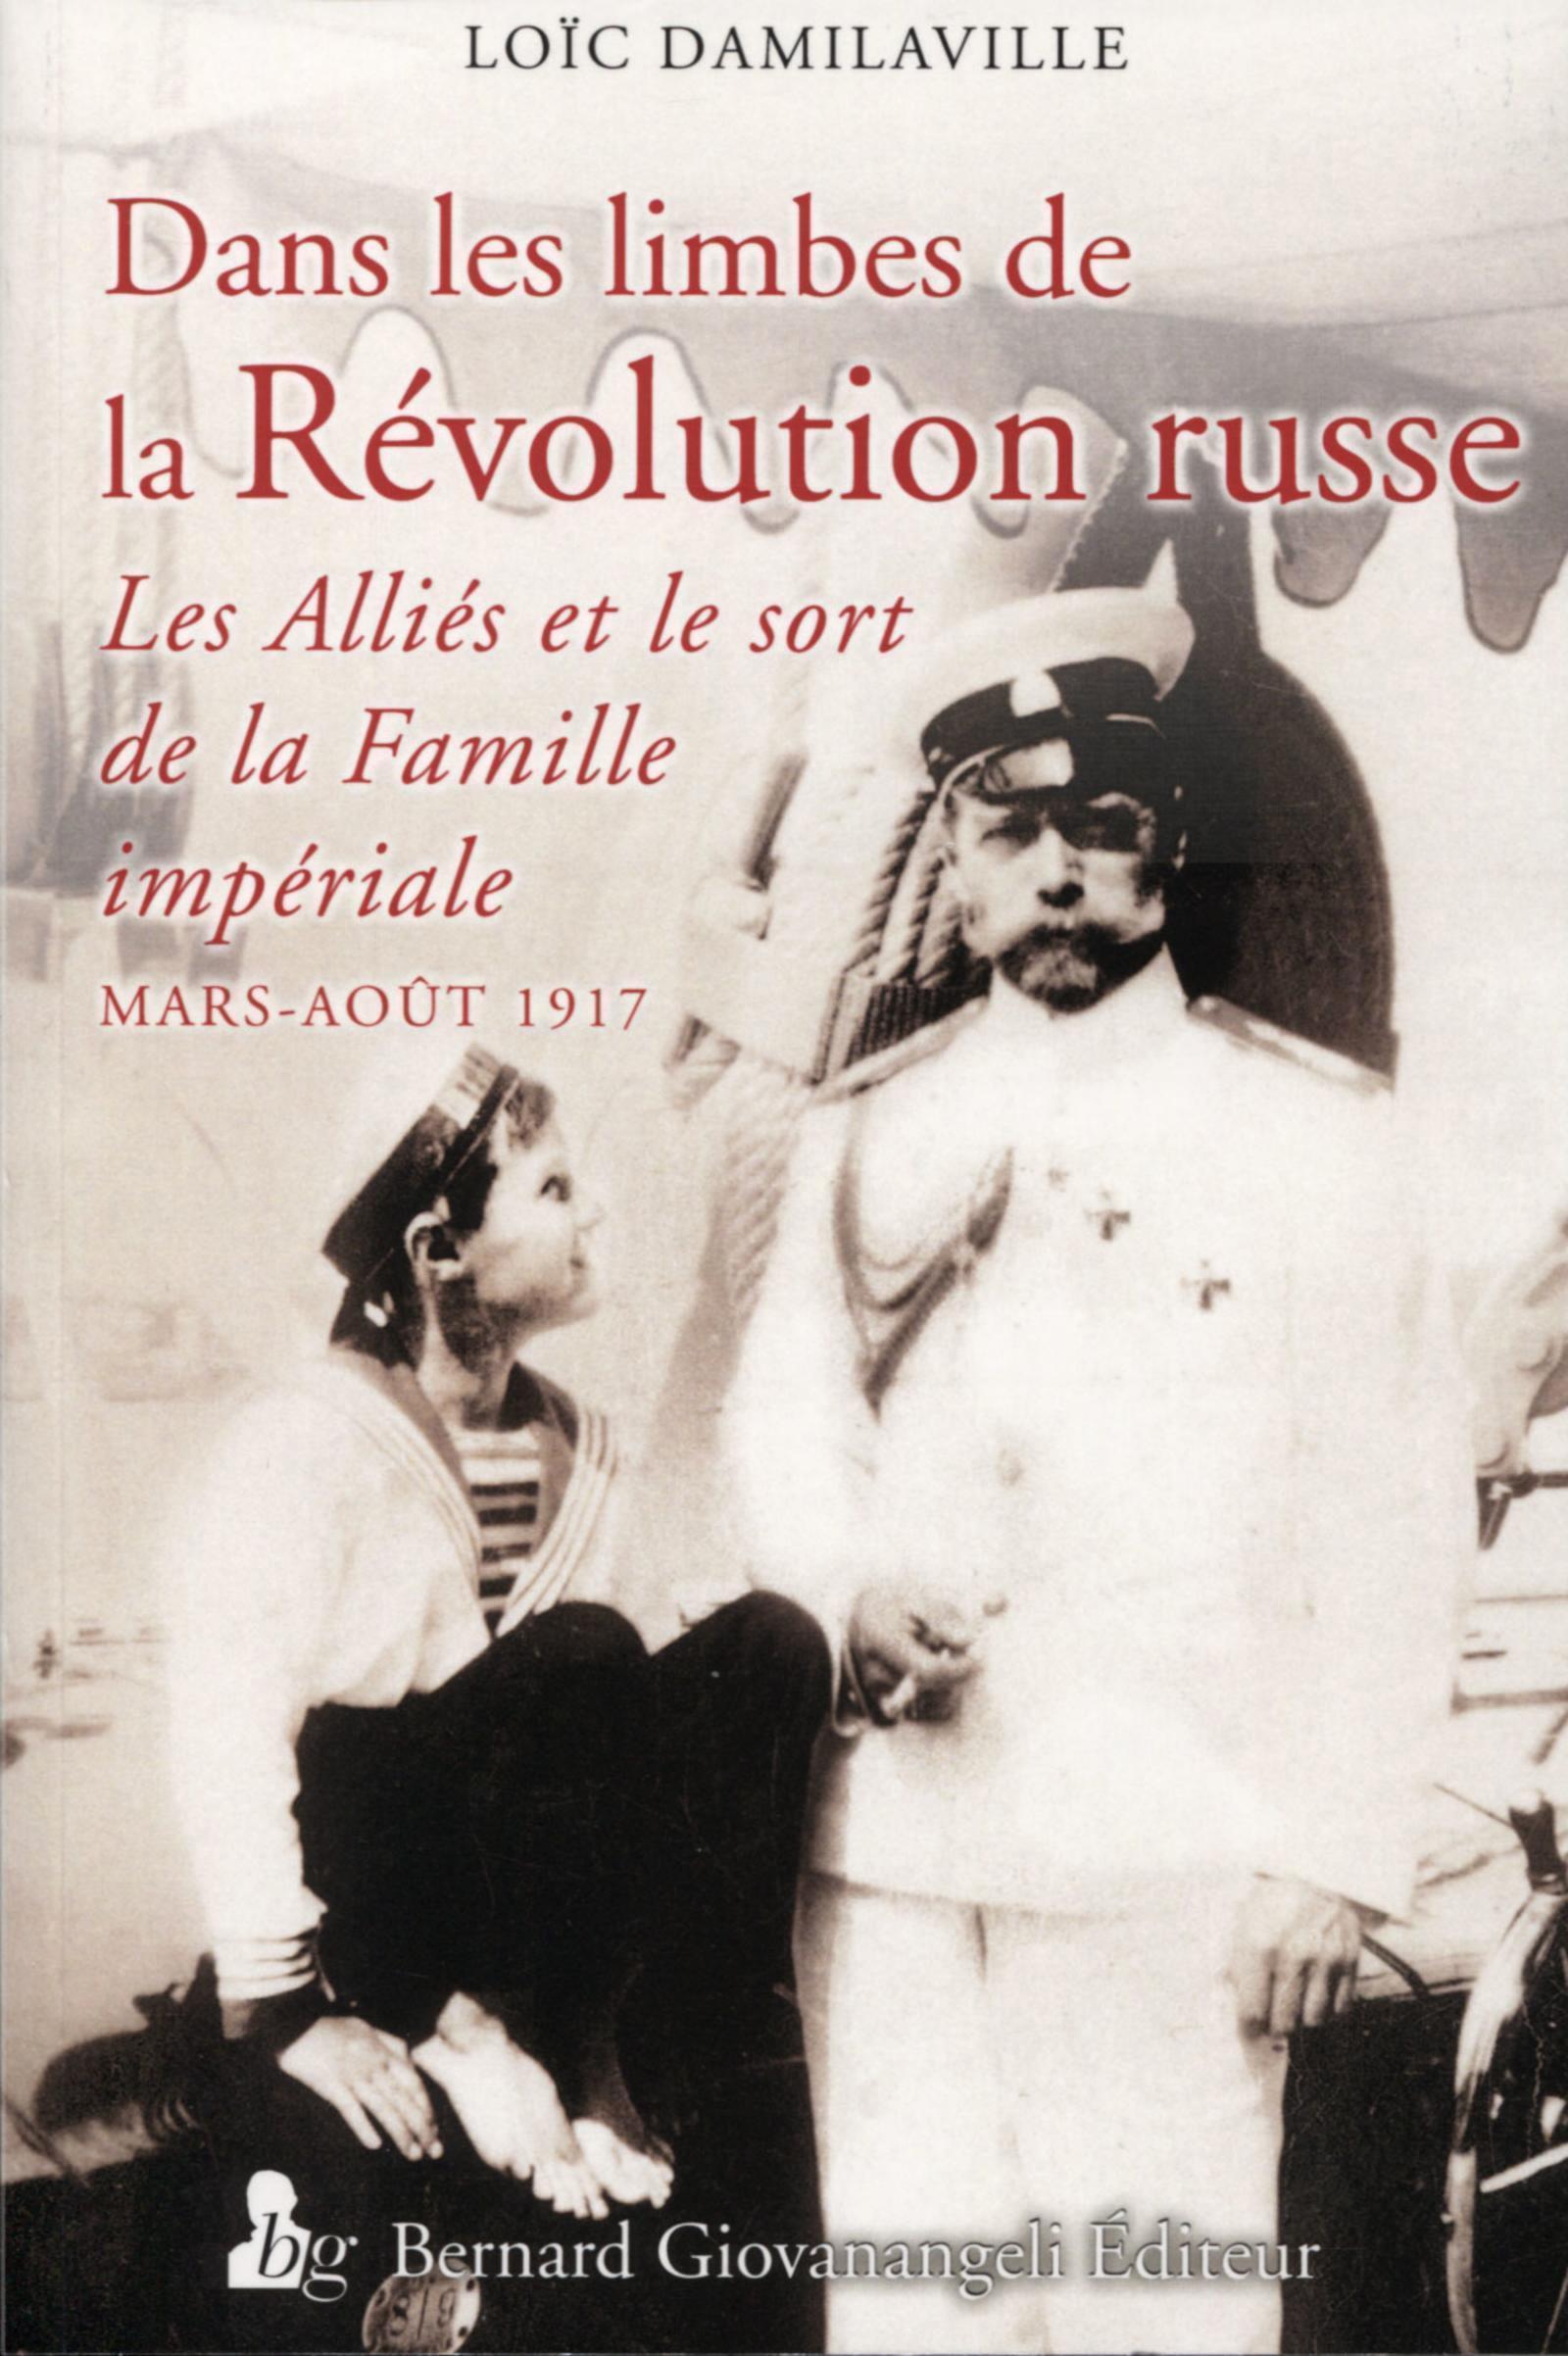 DANS LES LIMBES DE LA REVOLUTION RUSSE - LES ALLIES ET LE SORT DE LA FAMILLE IMPERIALE - MARS-AOUT 1